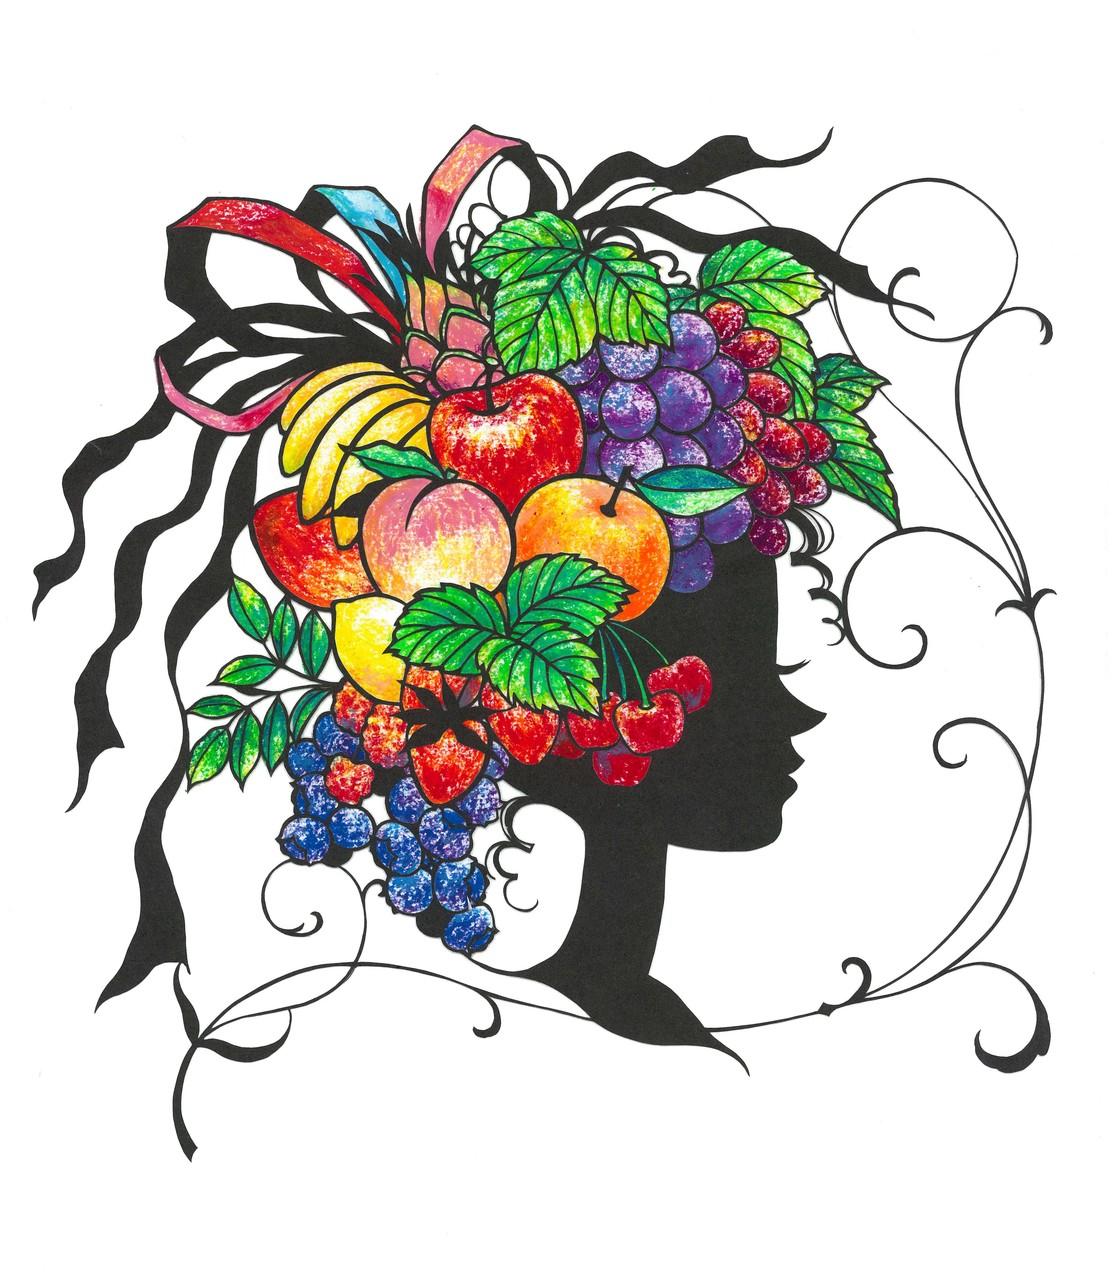 Fruit paradise